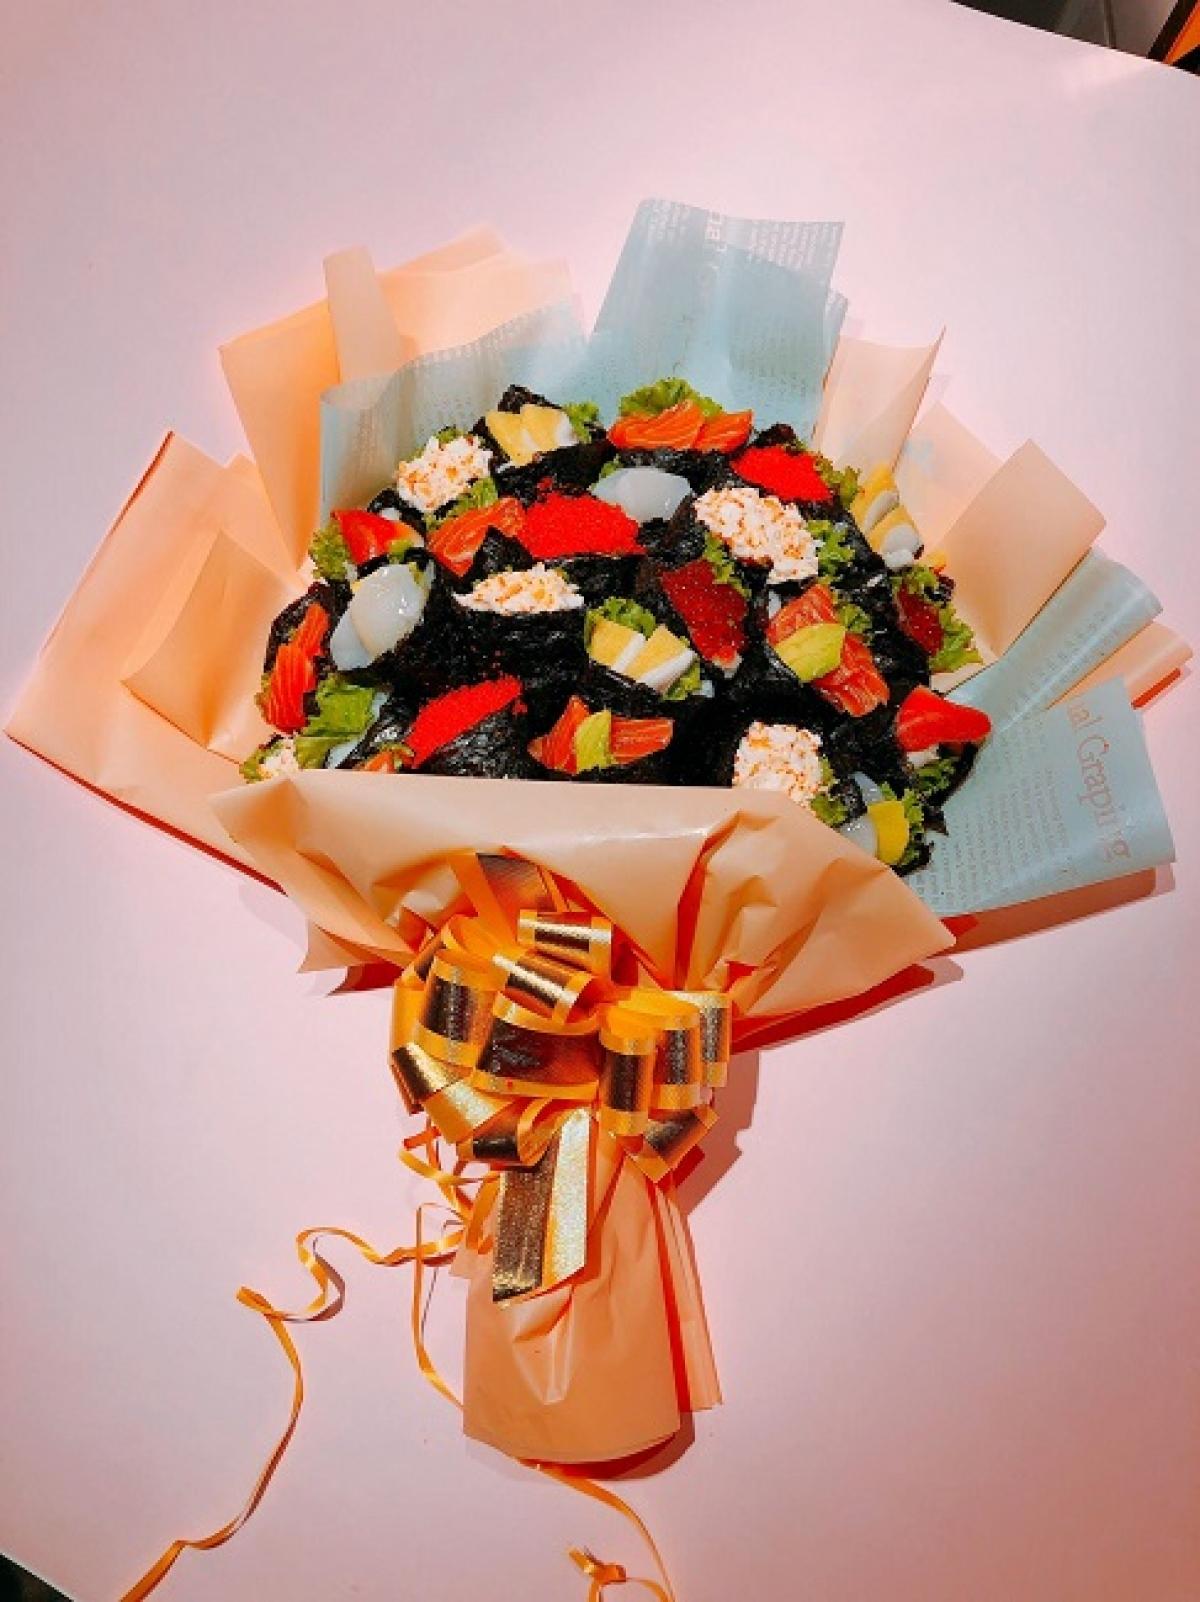 Đây là bó hoa làm quà tặng dịp 20/11, được làm từ cá hồi và rong biển.